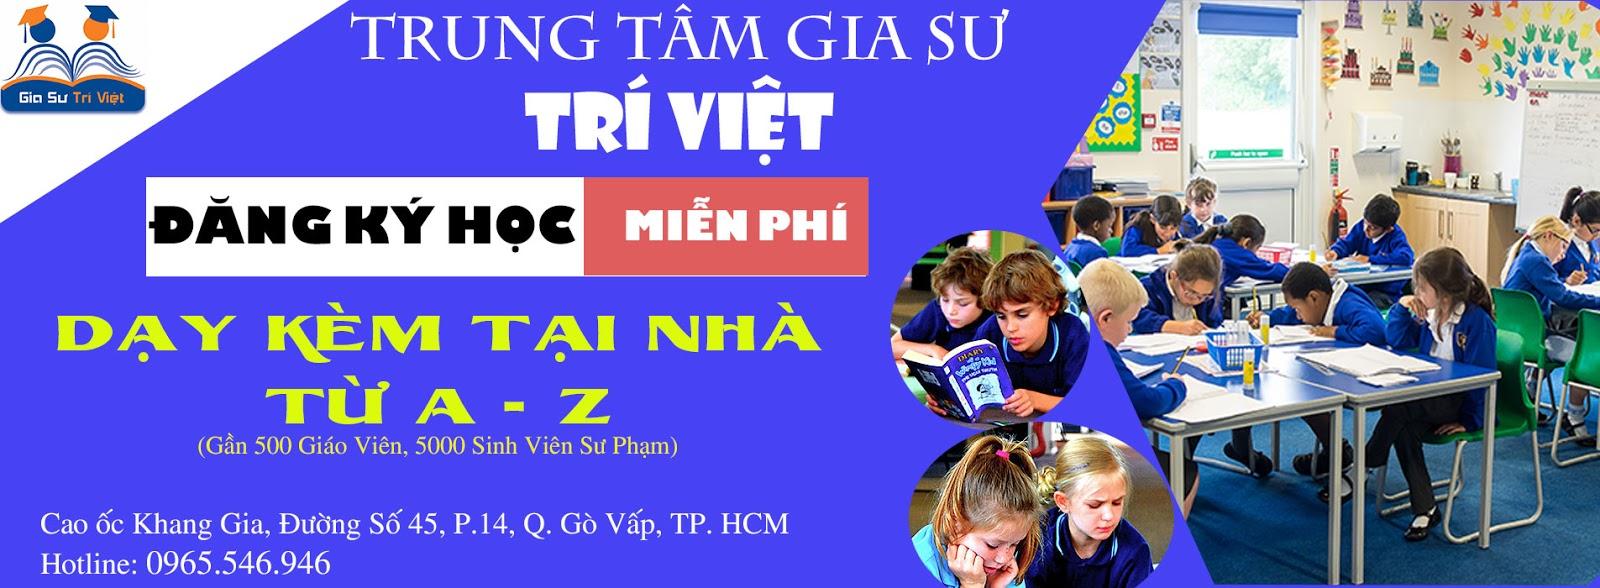 Trung tâm gia sư Trí Việt